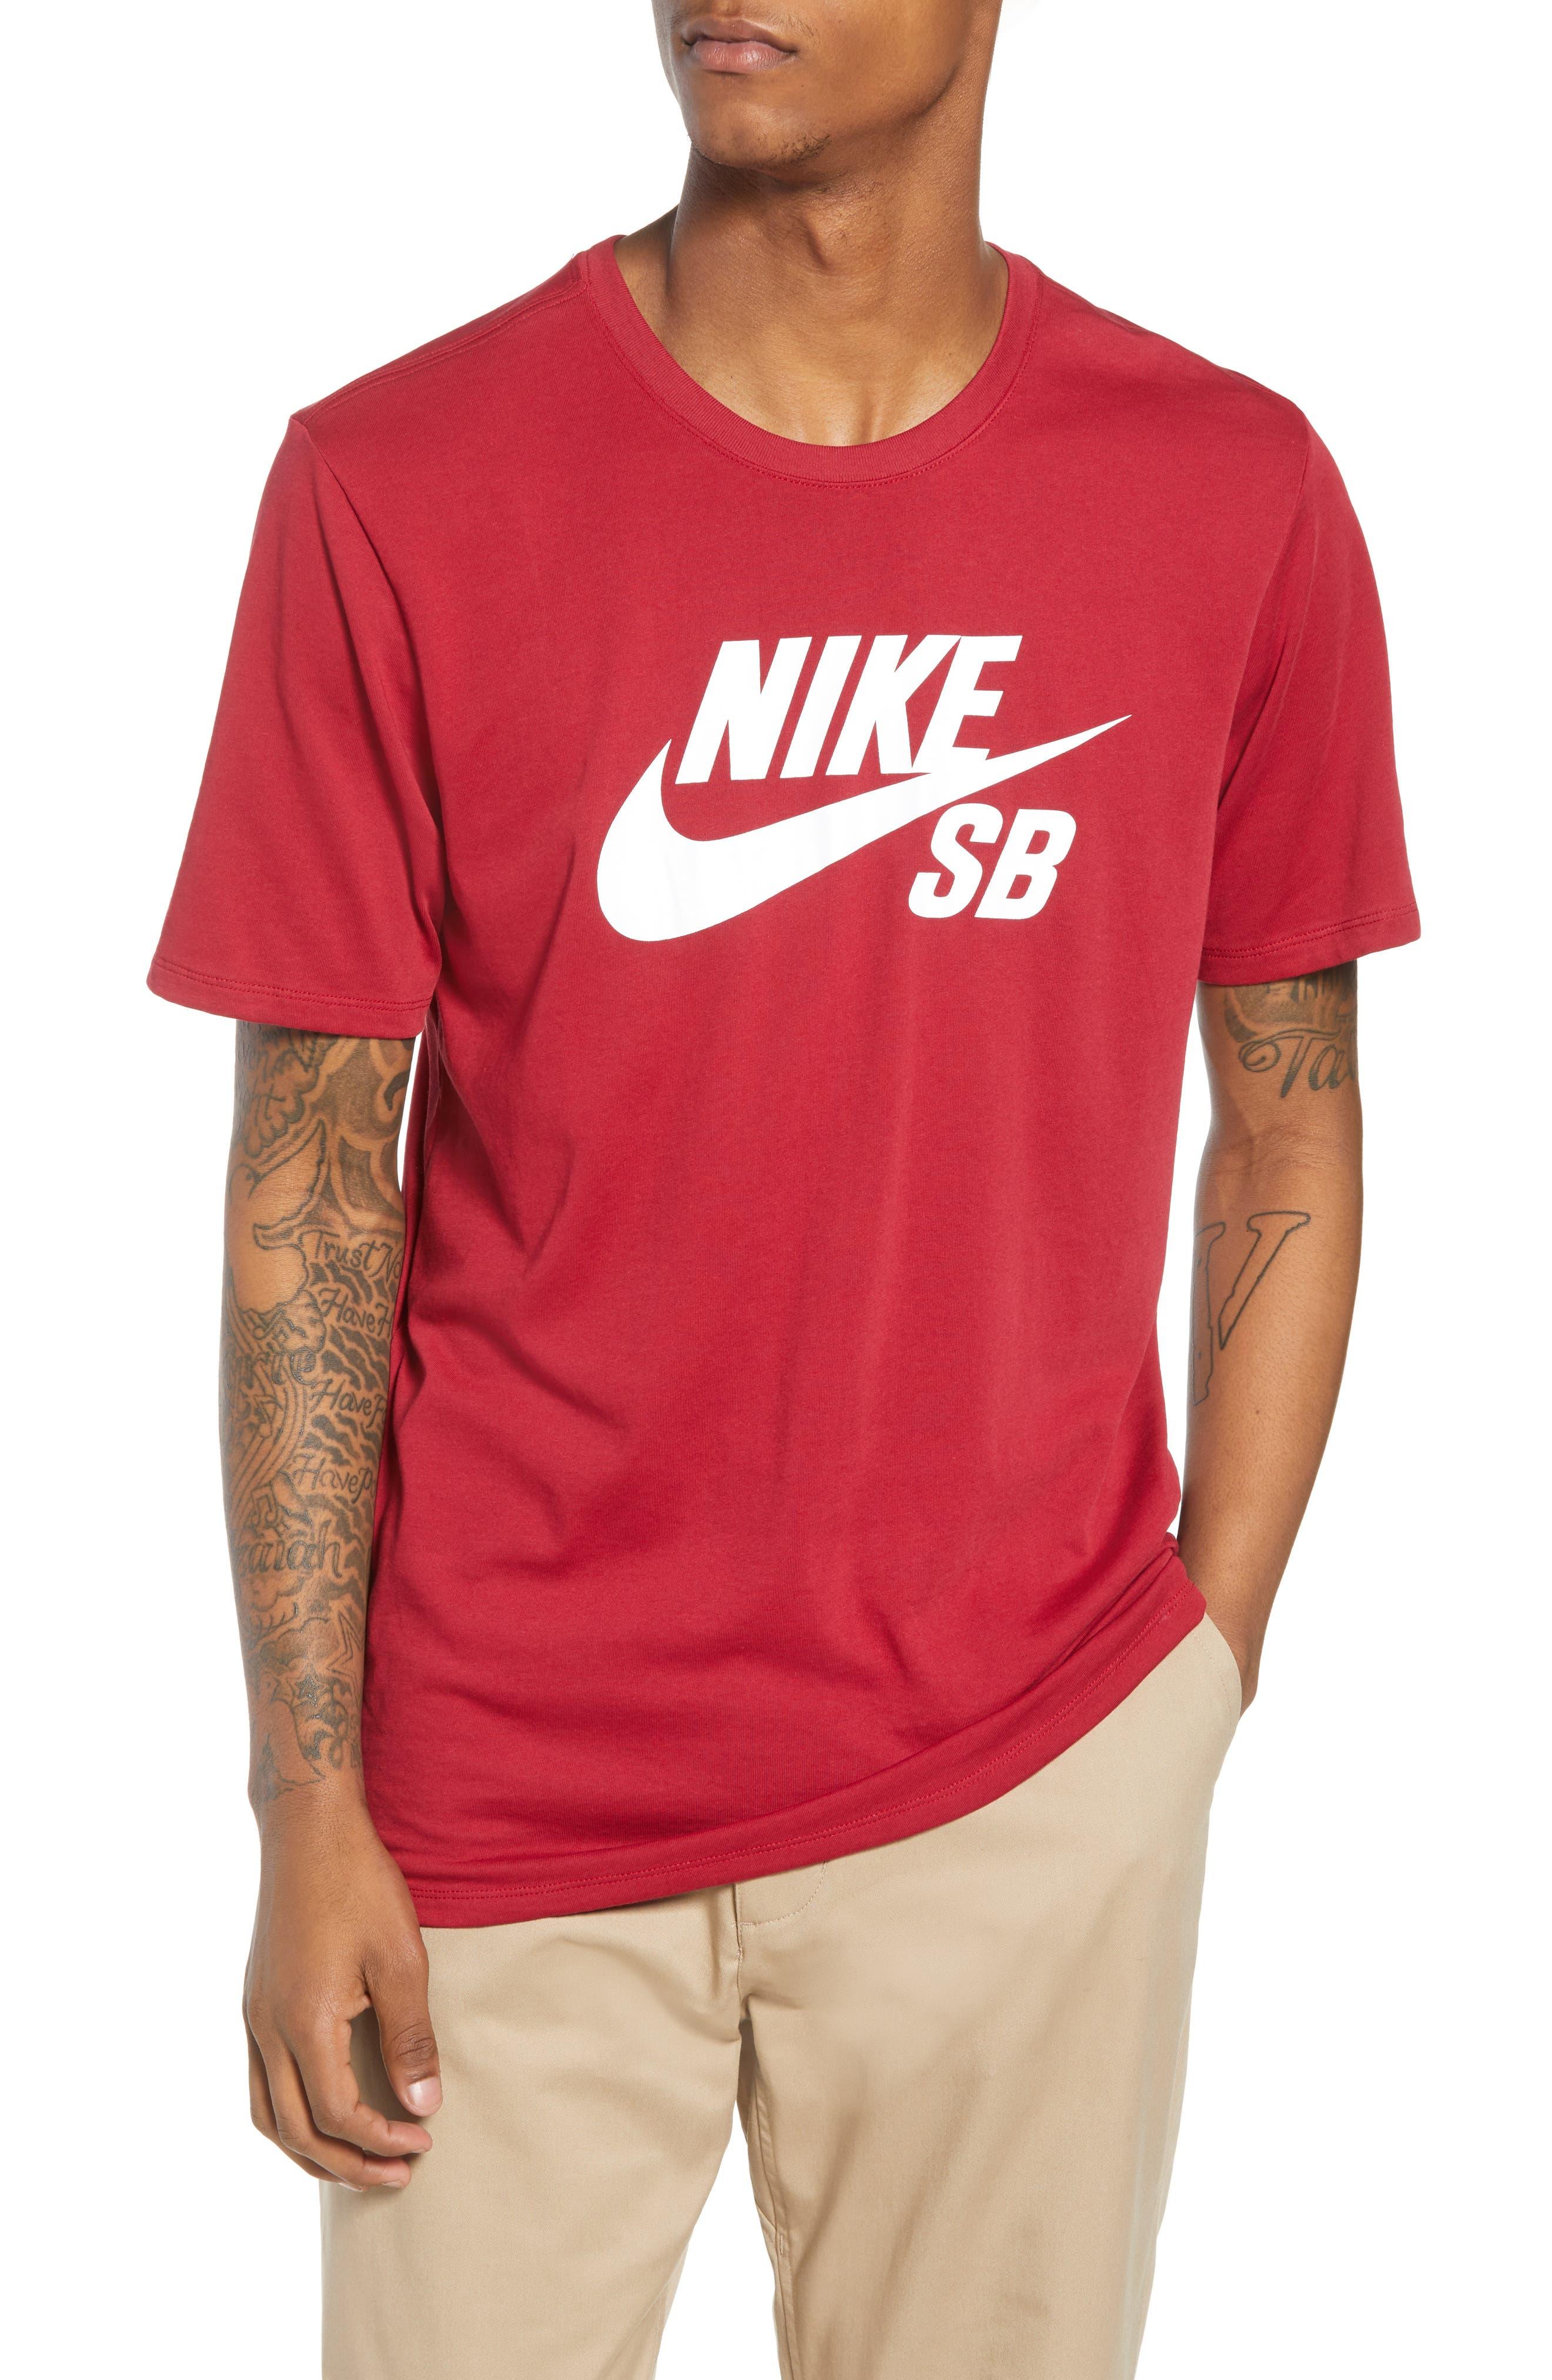 Nike 'SB Logo' T-Shirt,                             Main thumbnail 1, color,                             Red Crush White